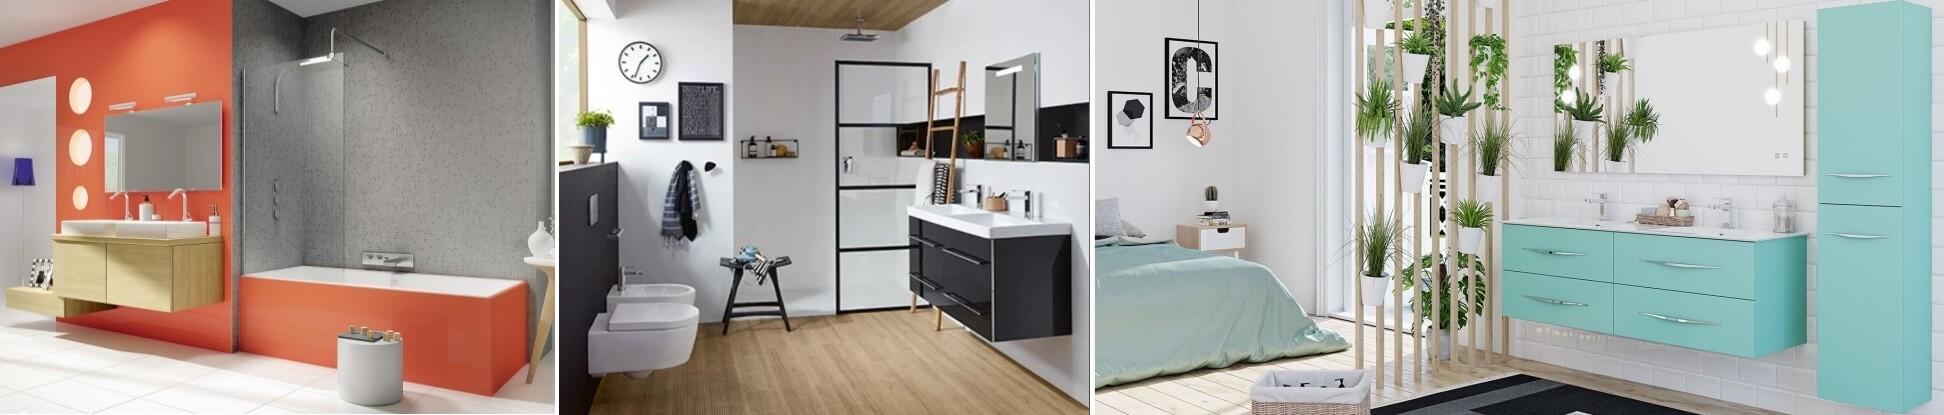 meuble-salle-de-bain-wc-douche-baignoire-robinetterie-vasque